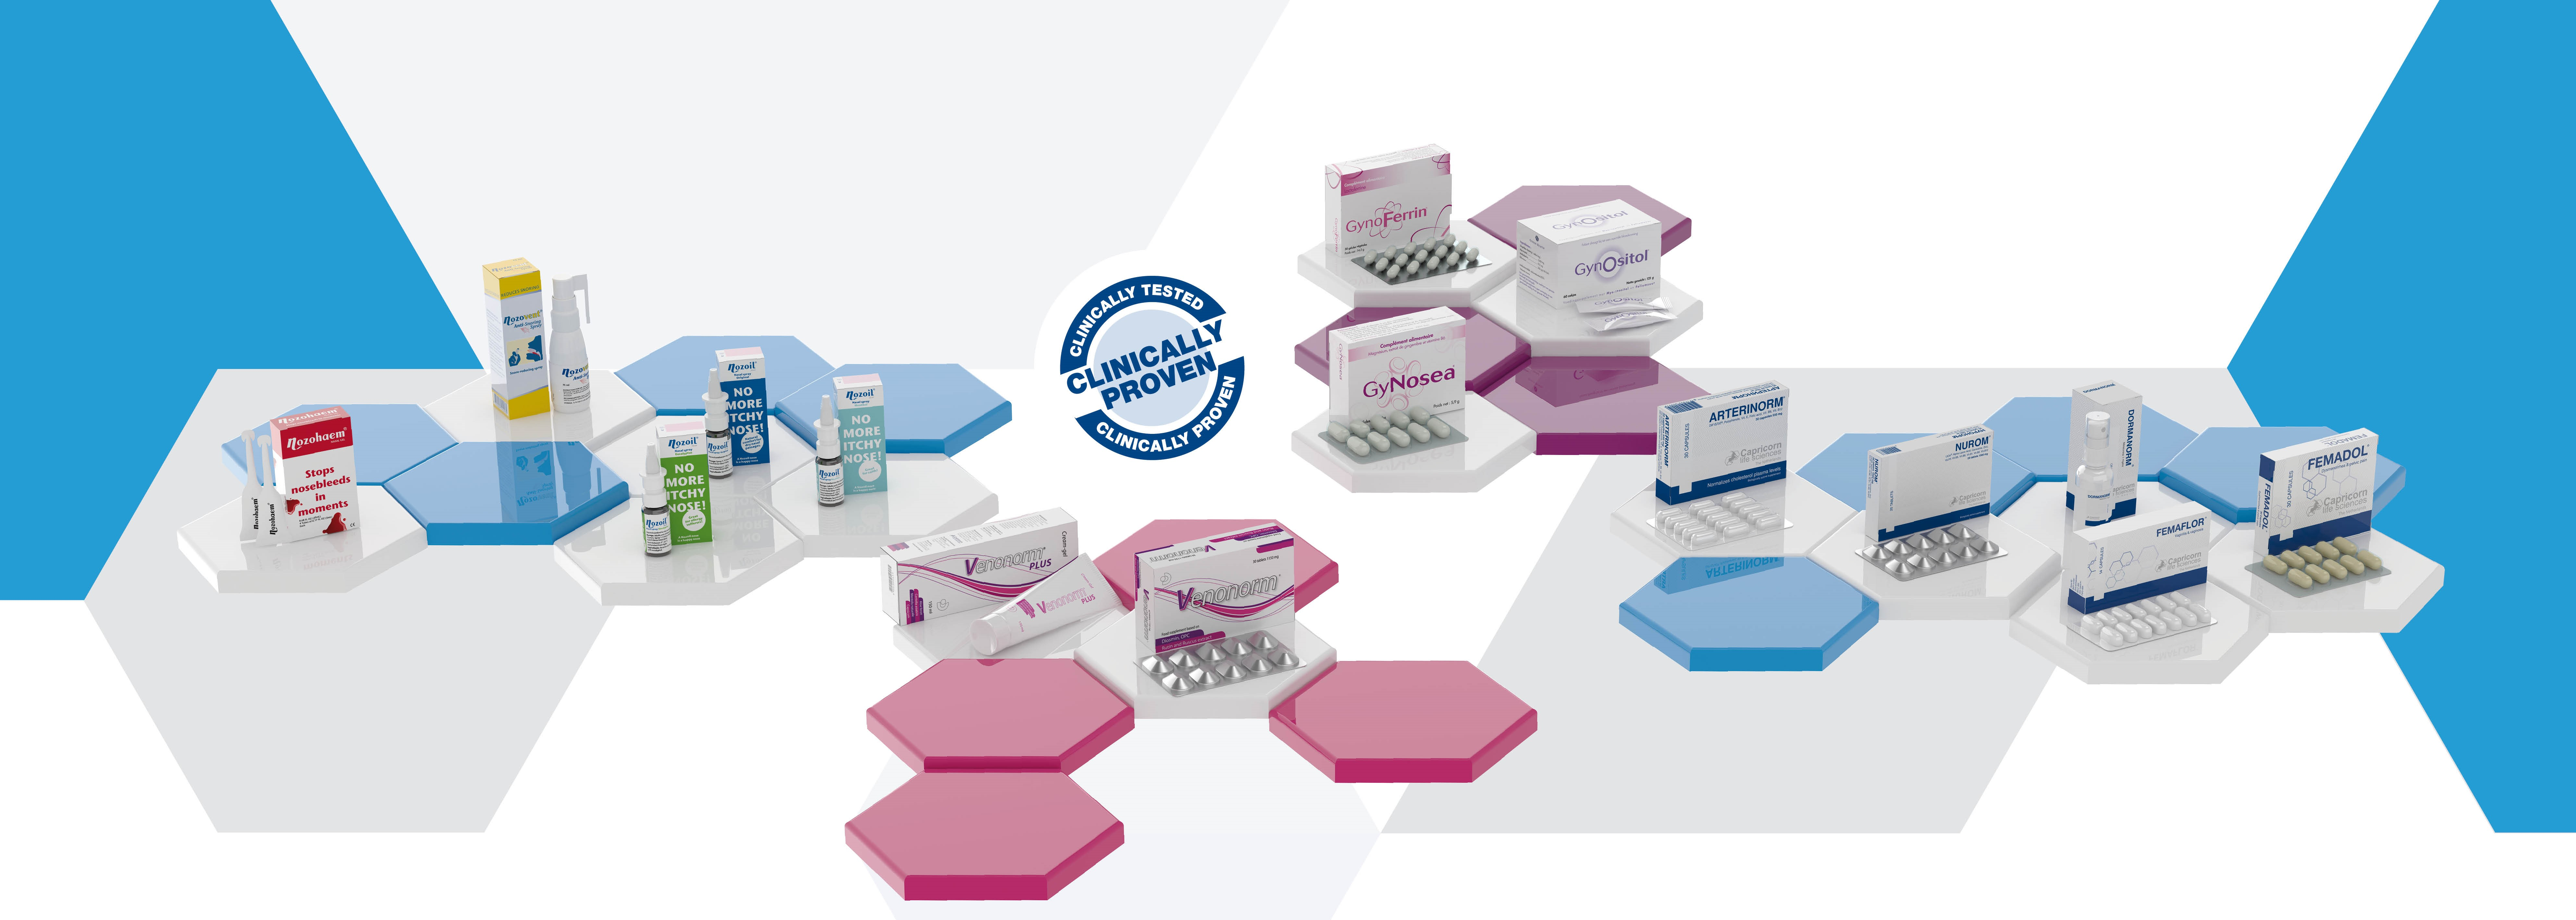 REFLUXOFT capsules